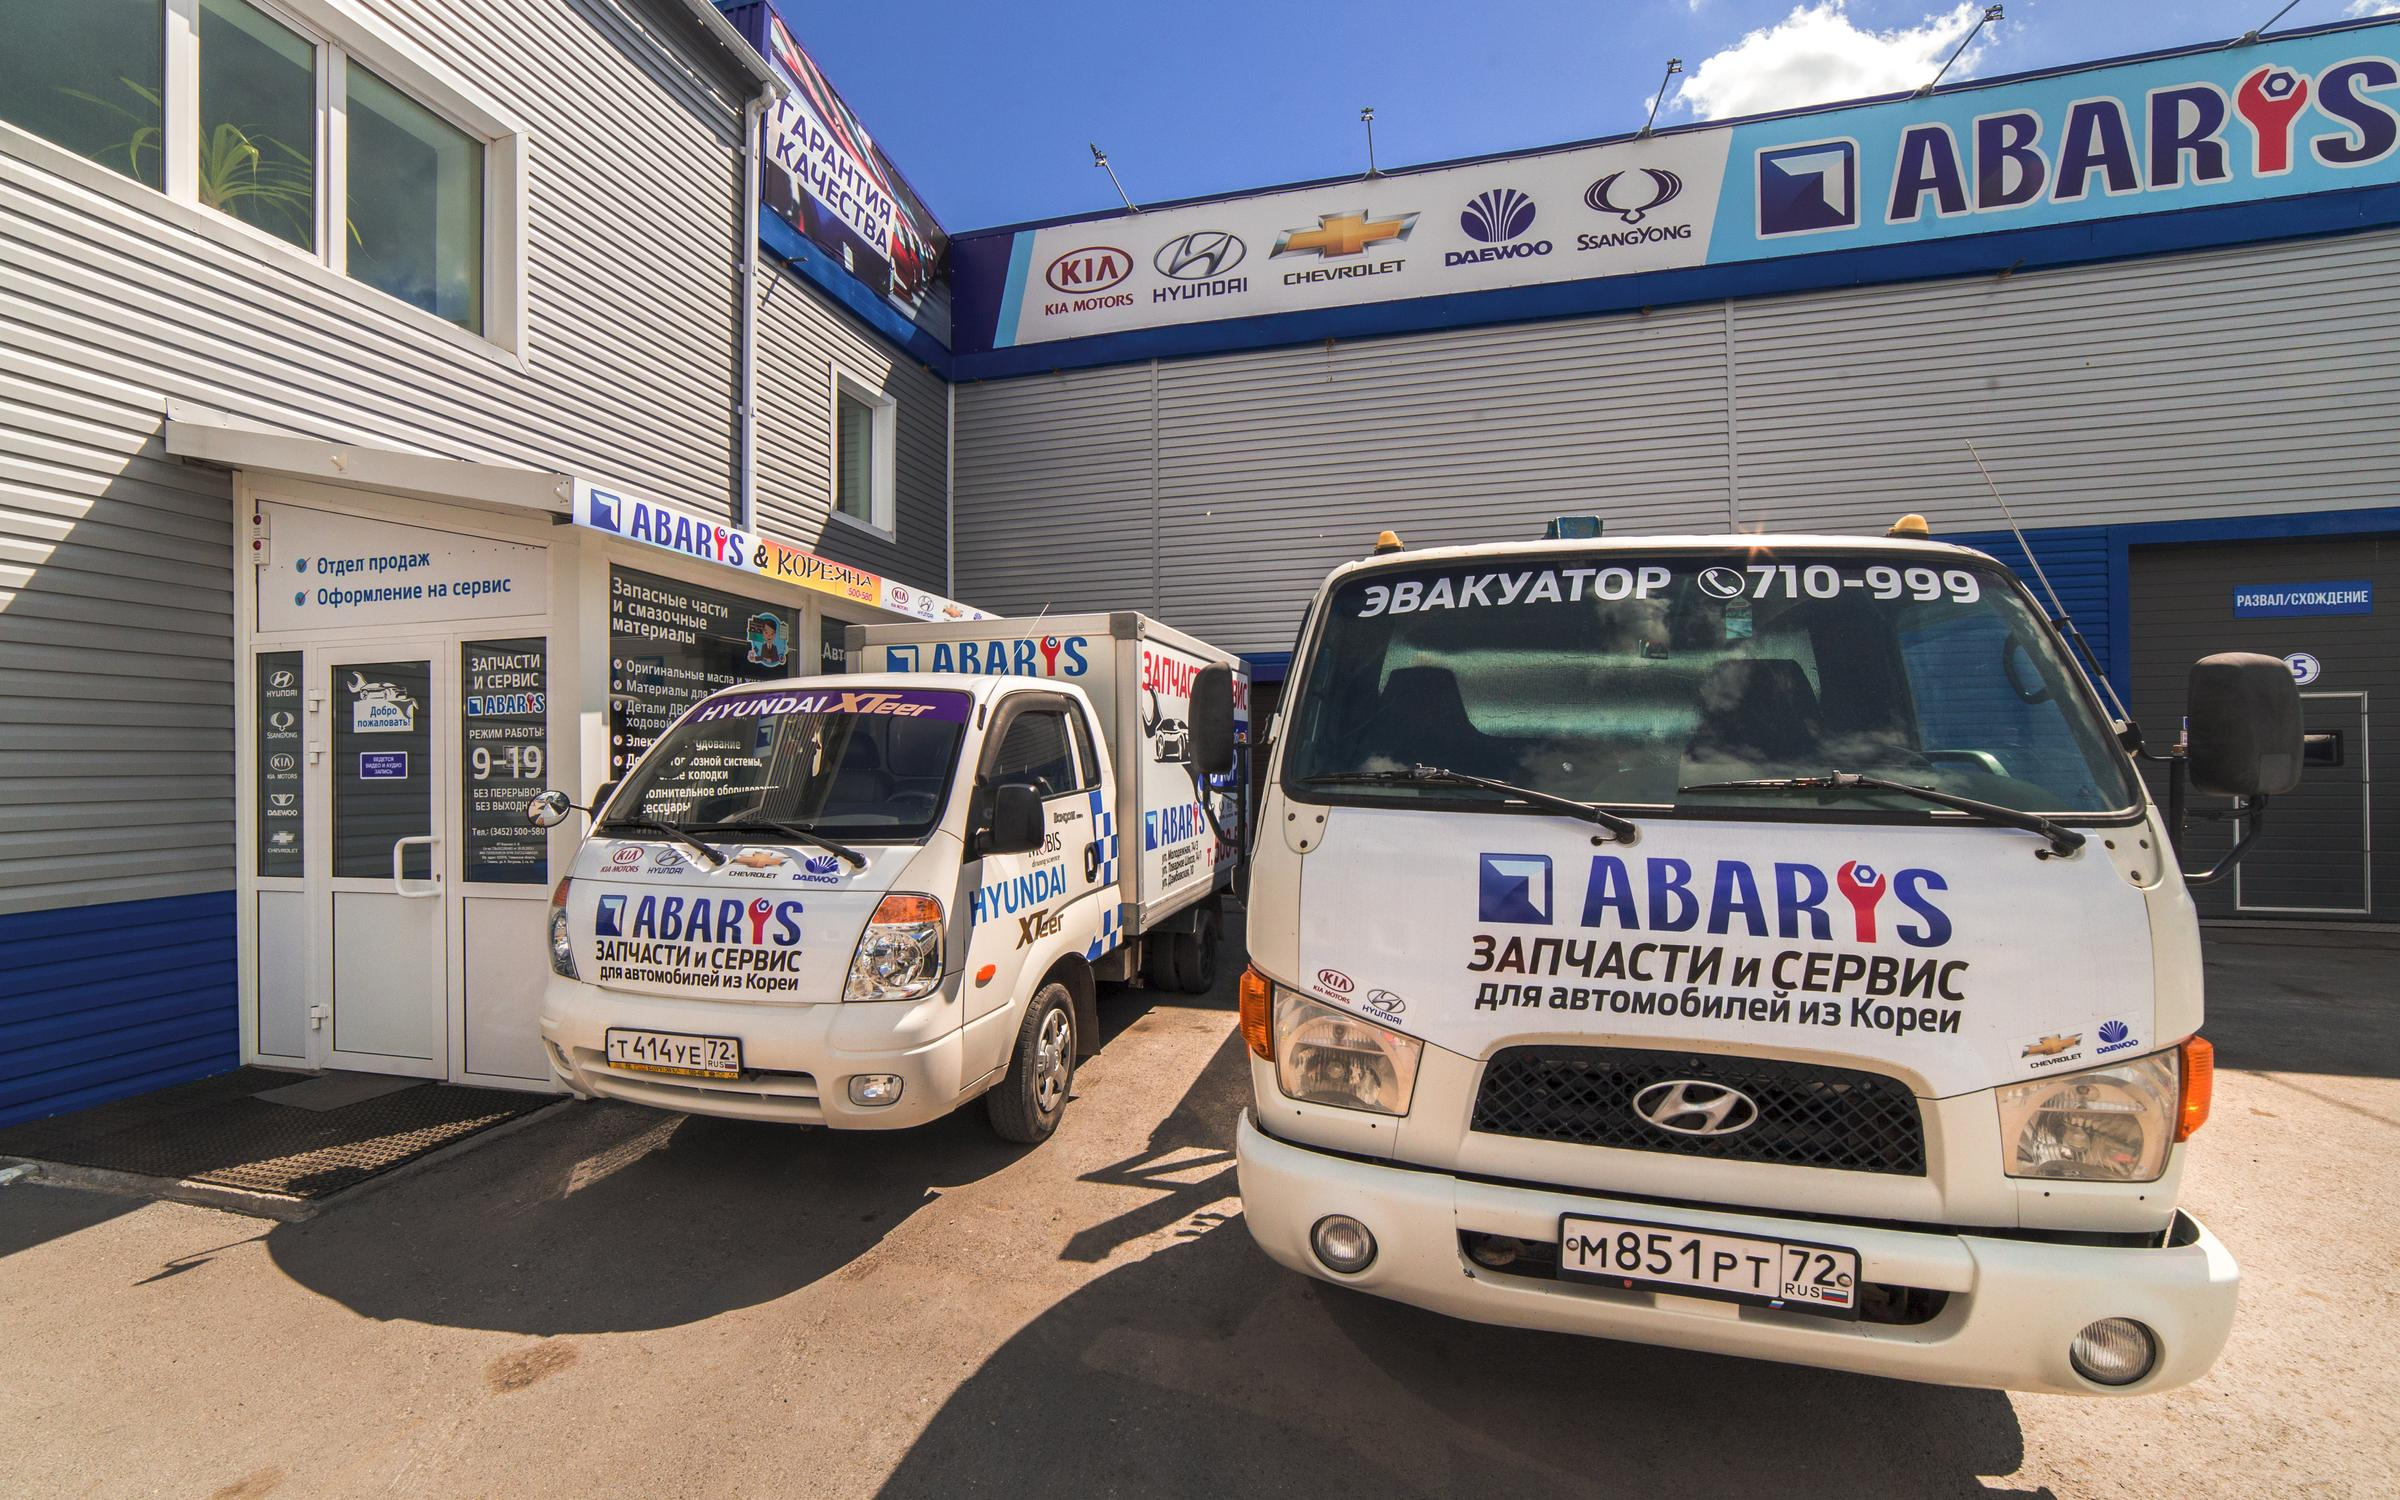 фотография Автоцентра Абарис & Кореяна на Молодёжной улице, 74 стр 3